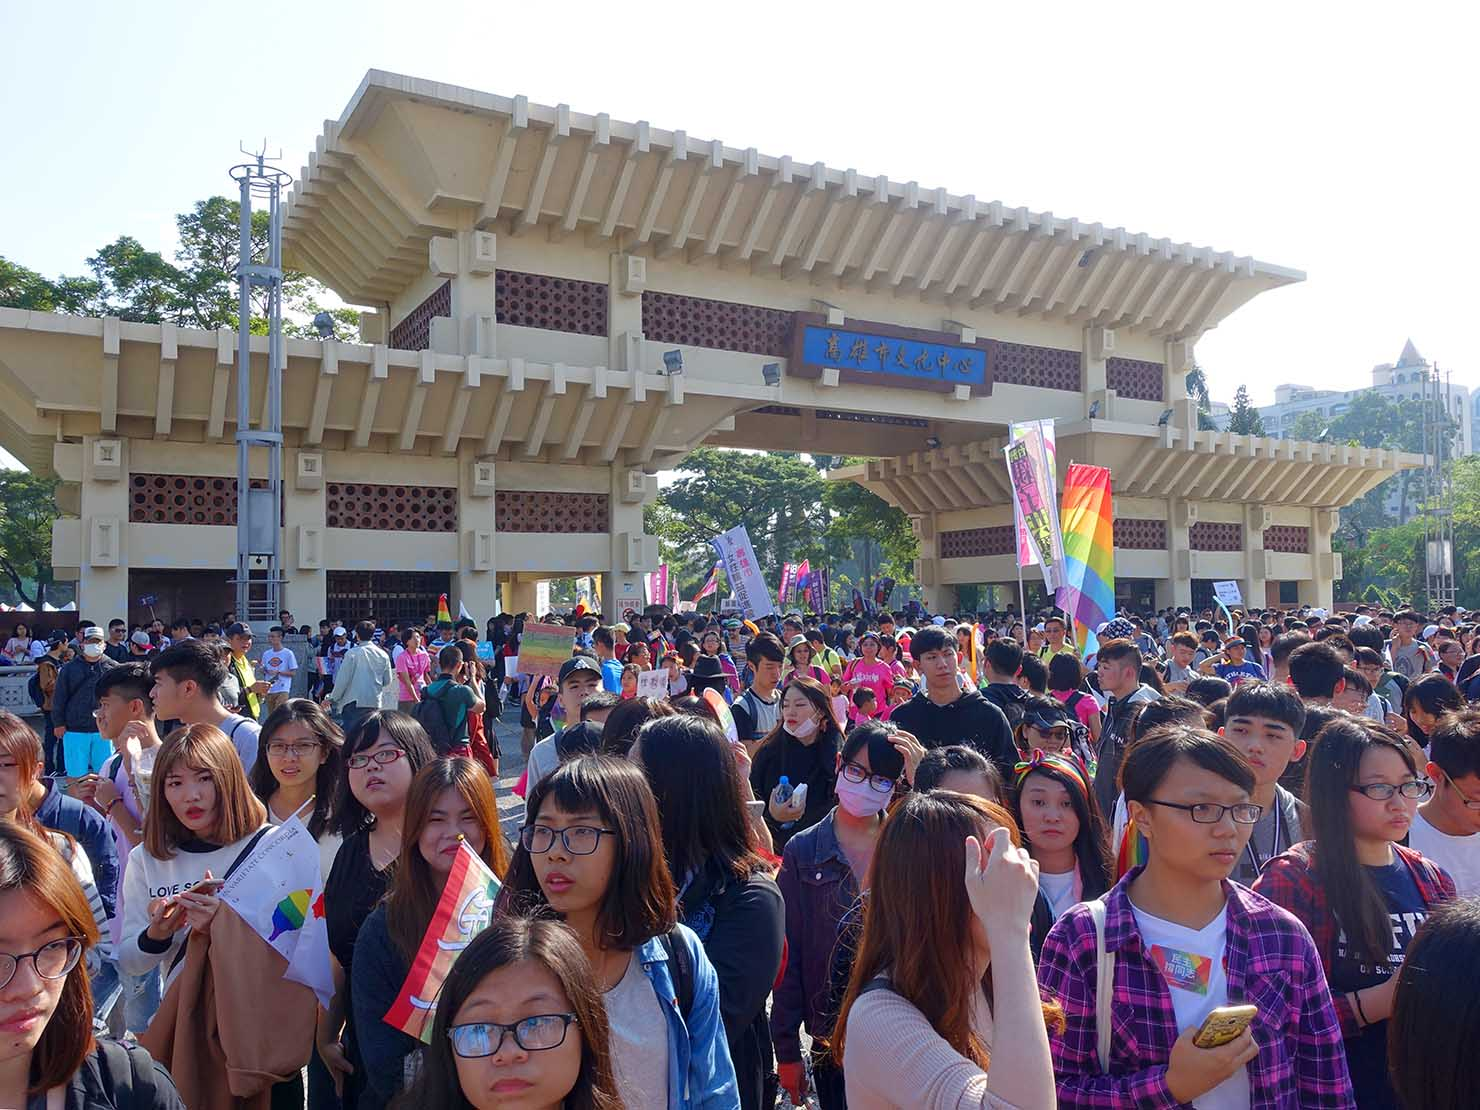 高雄同志大遊行(高雄レインボーパレード)2017の会場「文化中心」に集まる参加者たち